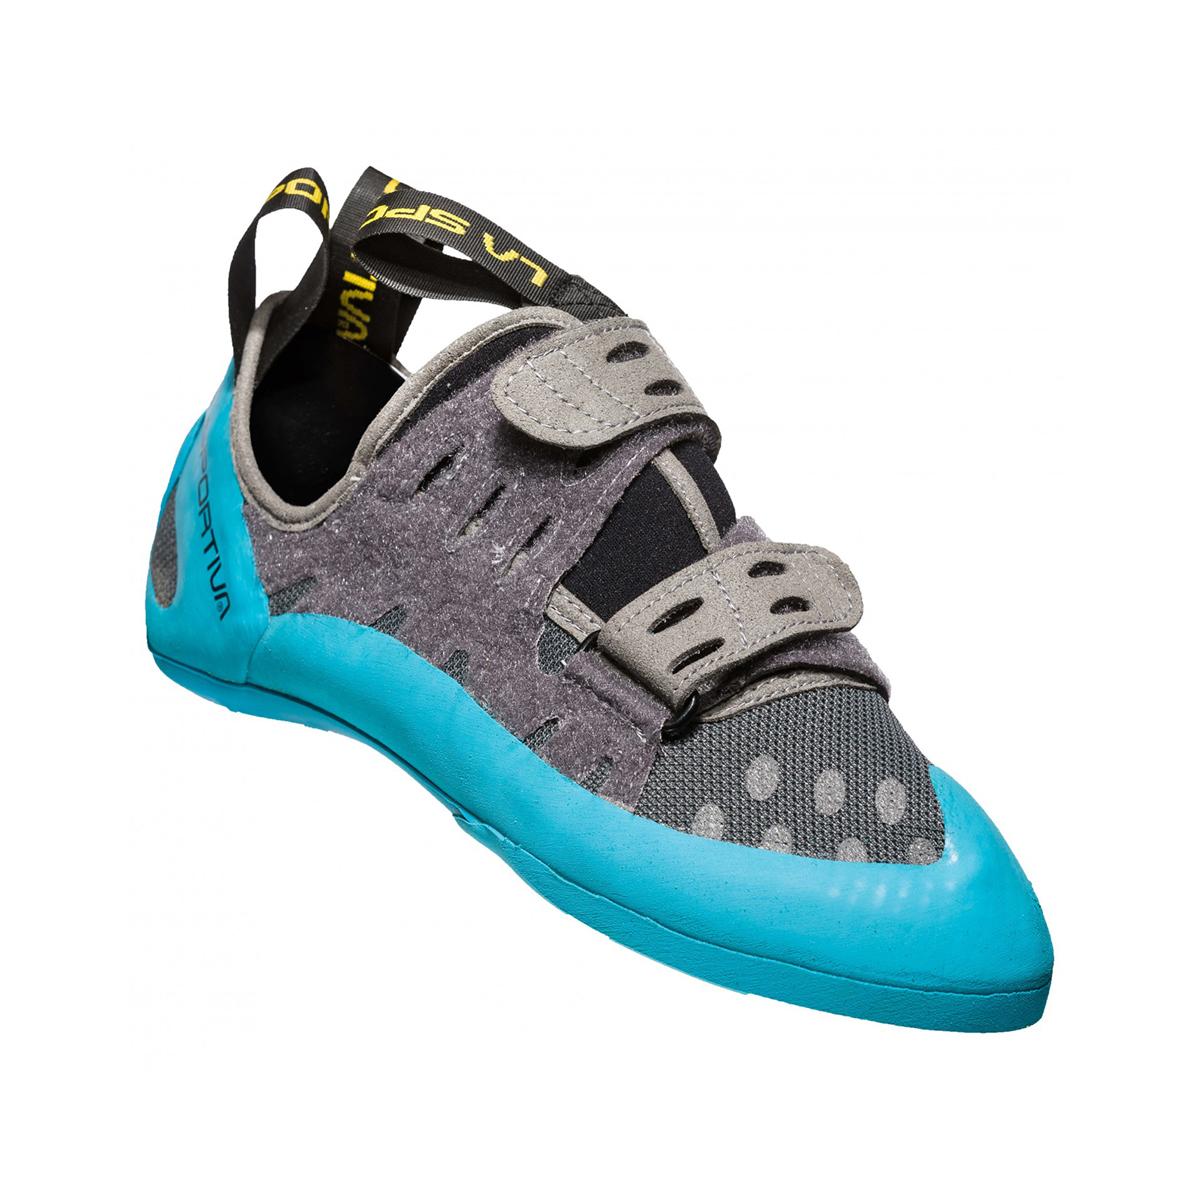 La Sportiva GeckoGym Men Climbing Shoe